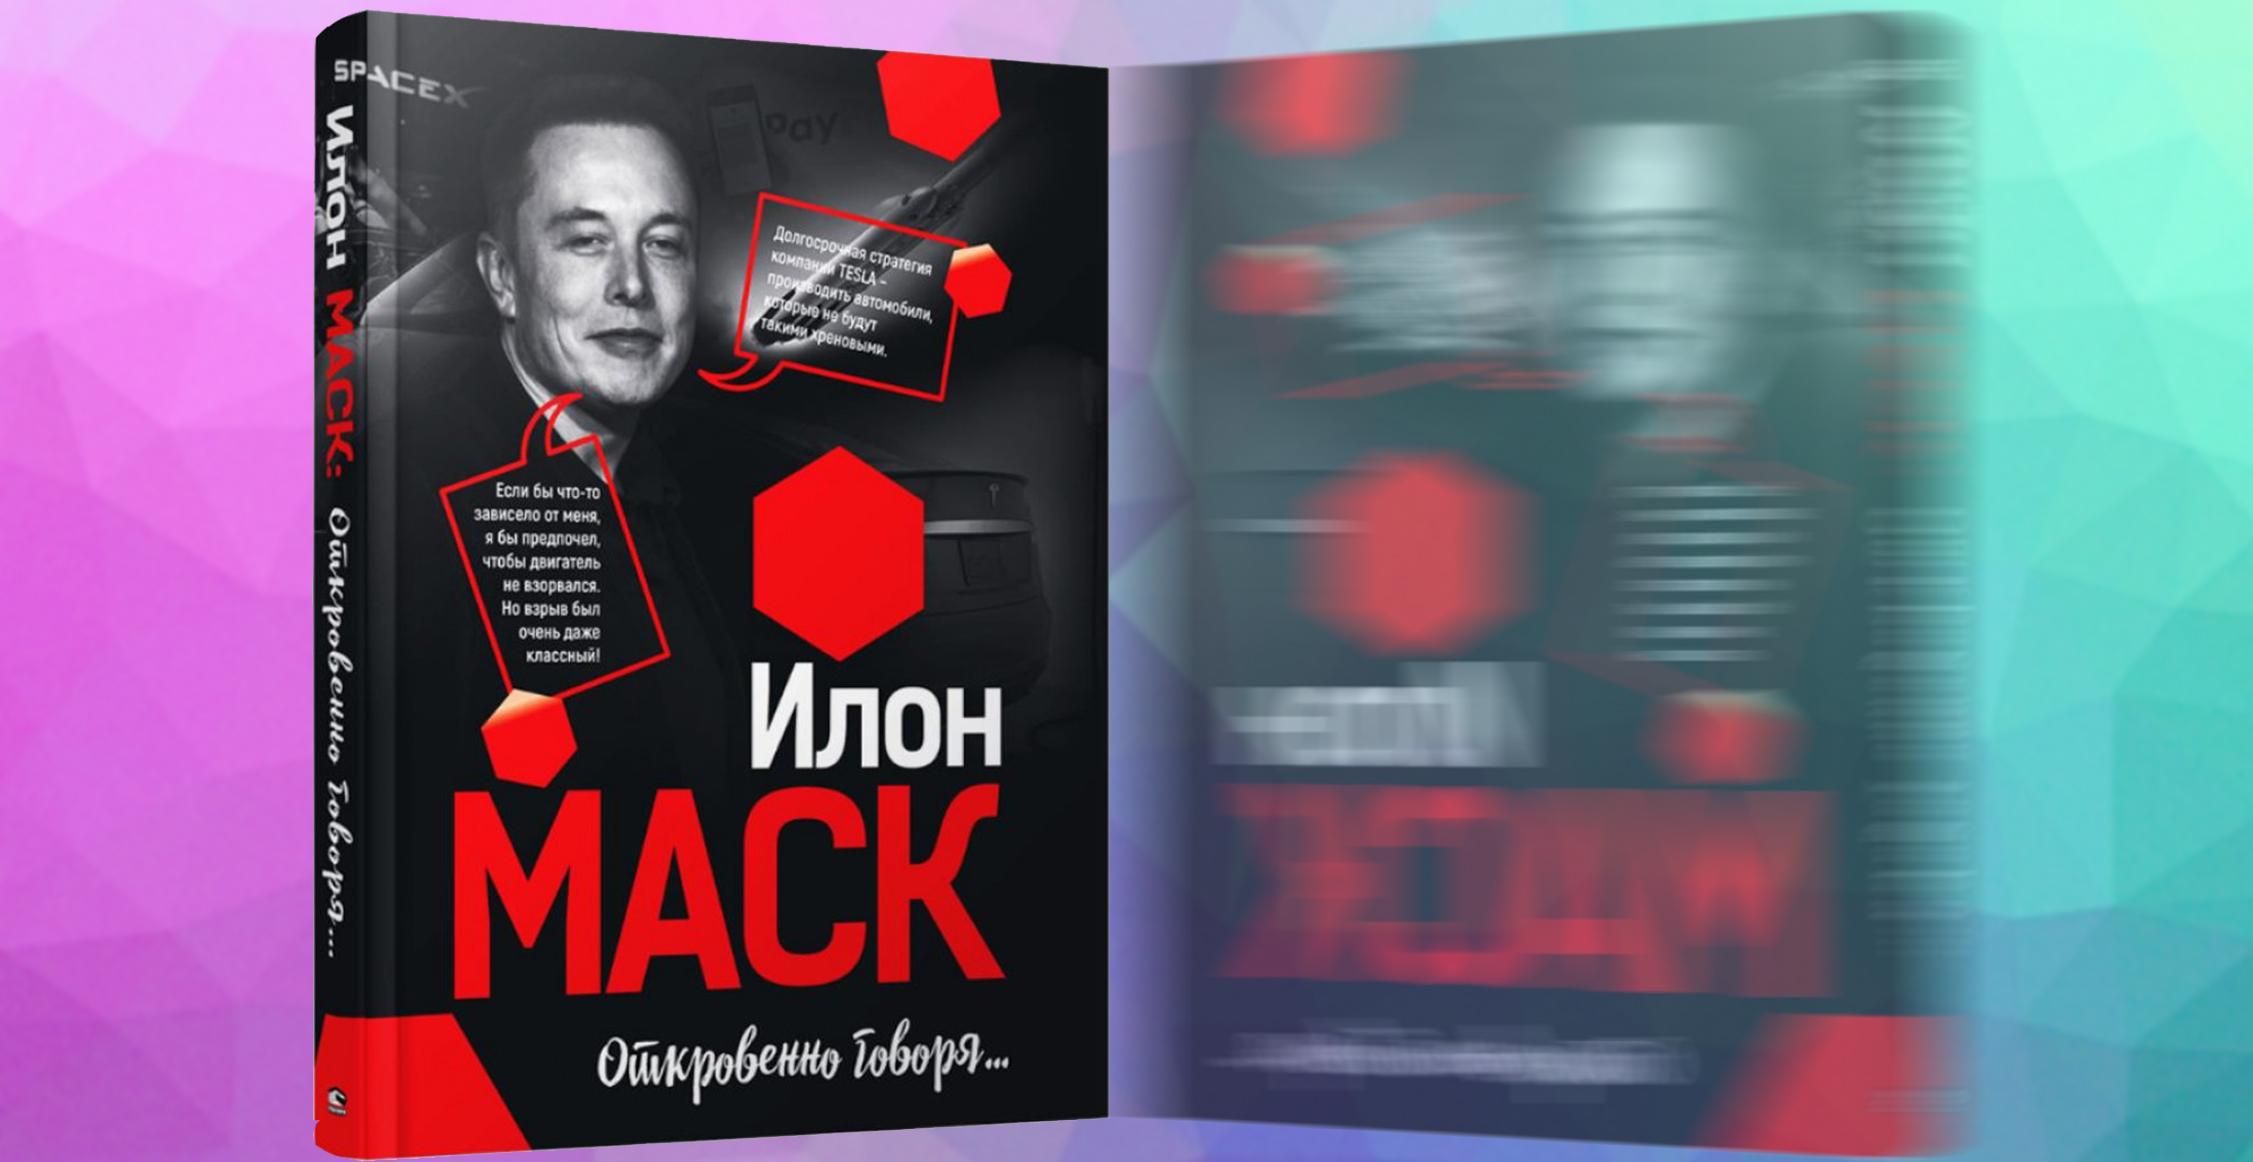 Книга, Откровенно говоря, Илон Маск,  978-985-15-4866-4